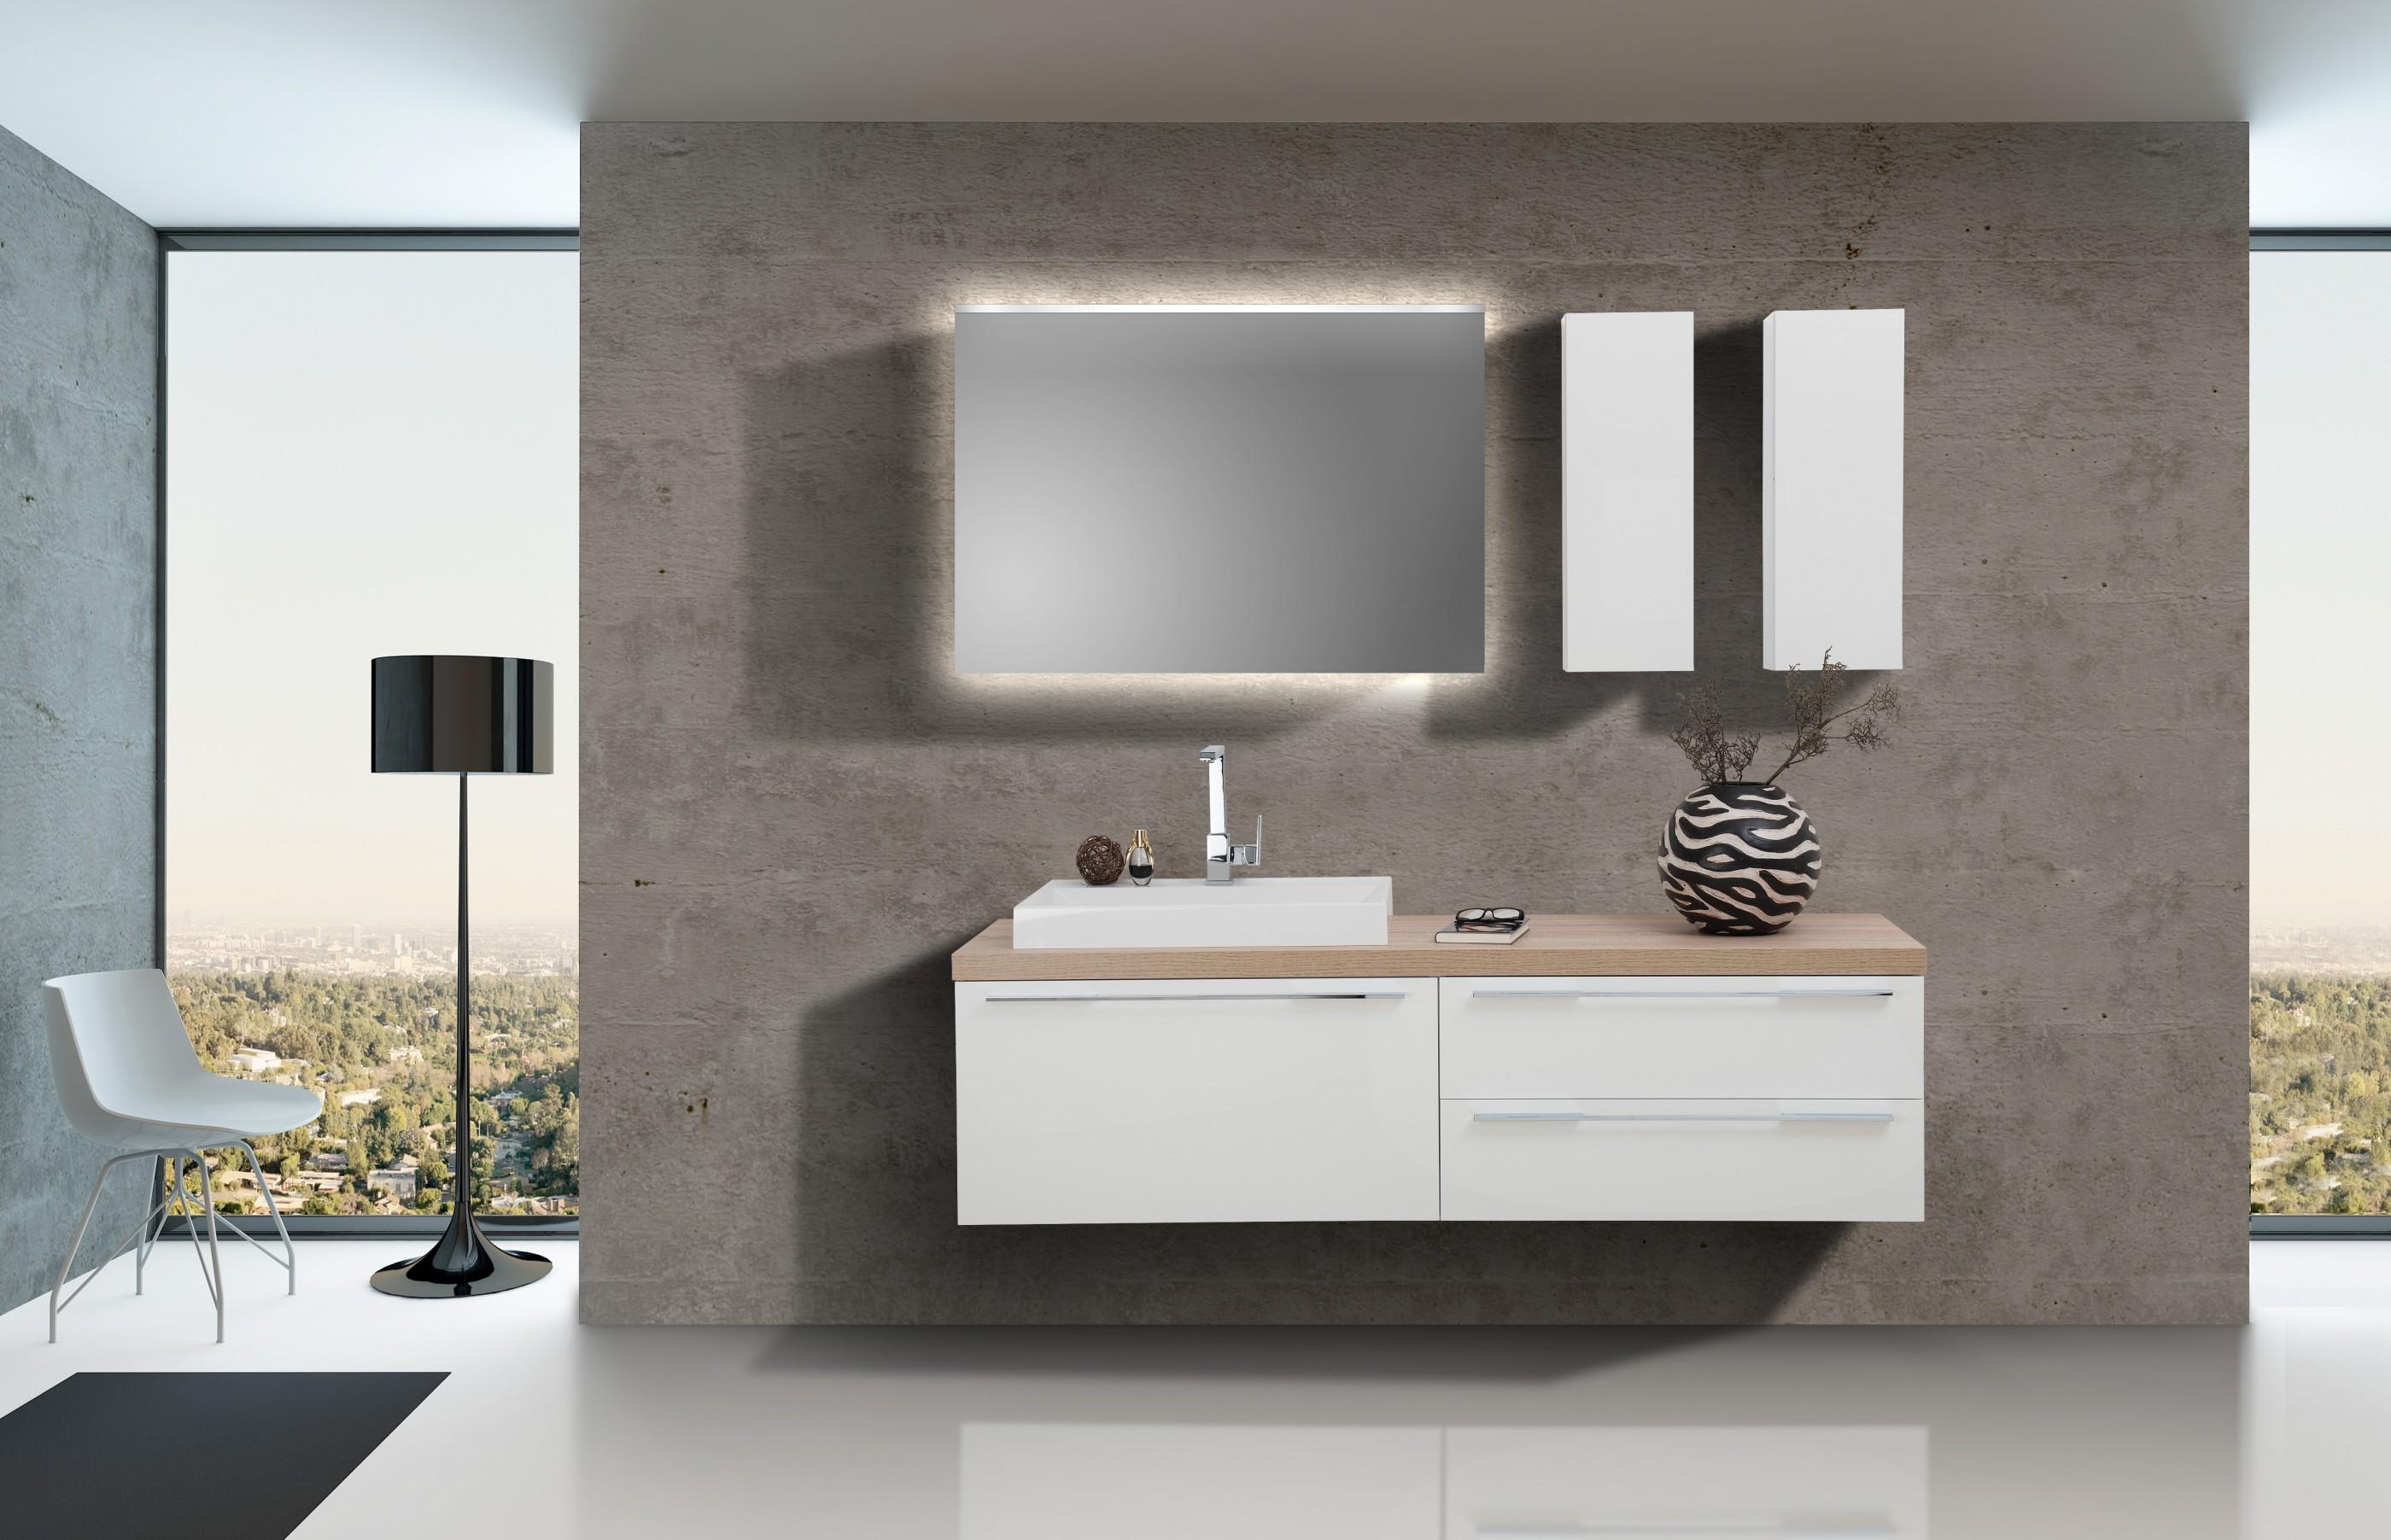 waschtischplatte mit aufsatzwaschtisch und unterschrank. Black Bedroom Furniture Sets. Home Design Ideas